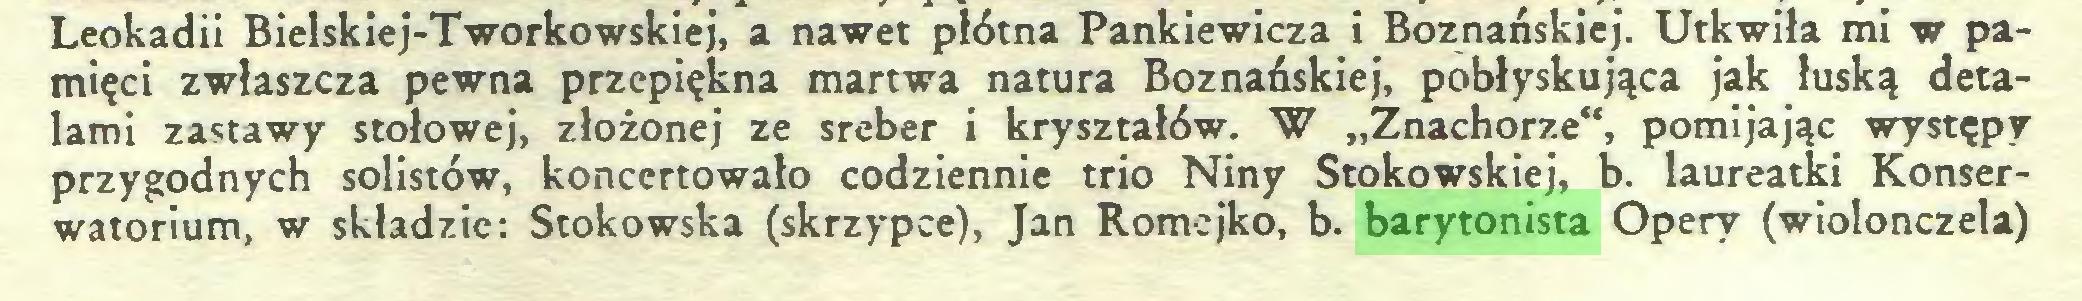 """(...) Leokadii Bielskiej-Tworkowskiej, a nawet płótna Pankiewicza i Boznańskiej. Utkwiła mi w pamięci zwłaszcza pewna przepiękna martwa natura Boznańskiej, pobłyskująca jak łuską detalami zastawy stołowej, złożonej ze sreber i kryształów. W """"Znachorze"""", pomijając występy przygodnych solistów, koncertowało codziennie trio Niny Stokowskiej, b. laureatki Konserwatorium, w składzie: Stokowska (skrzypce), Jan Romejko, b. barytonista Opery (wiolonczela)..."""